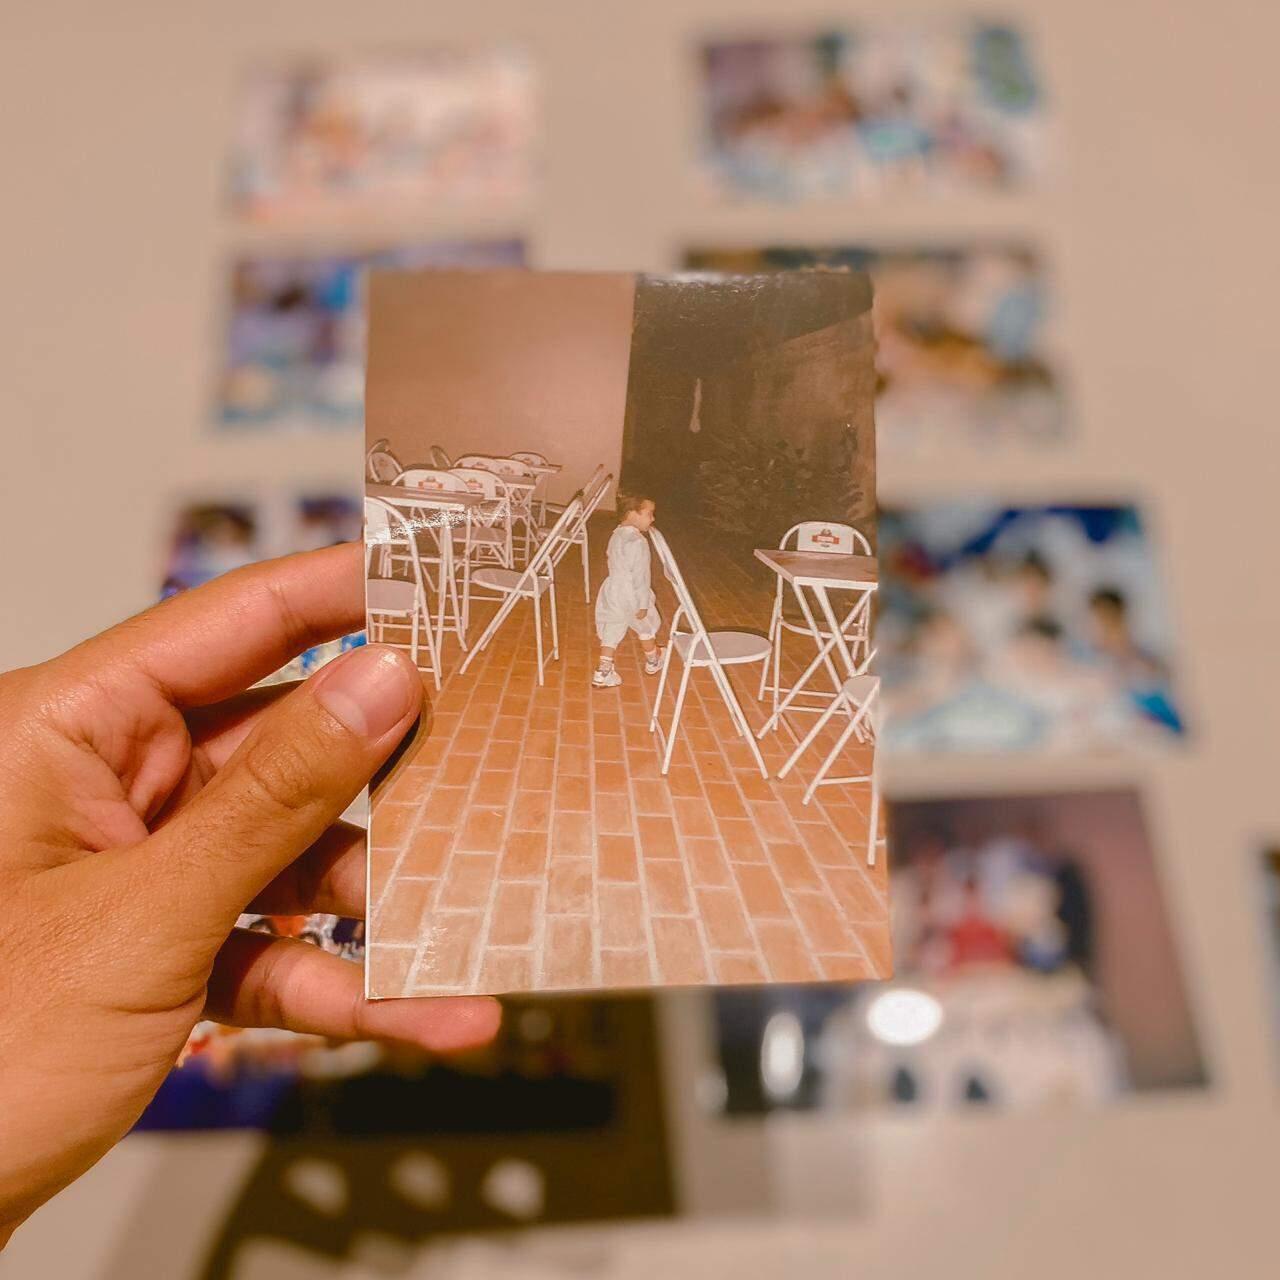 Revirar o álbum fez Marcelo voltar no tempo. As fotos encaixam certinho na saudade.